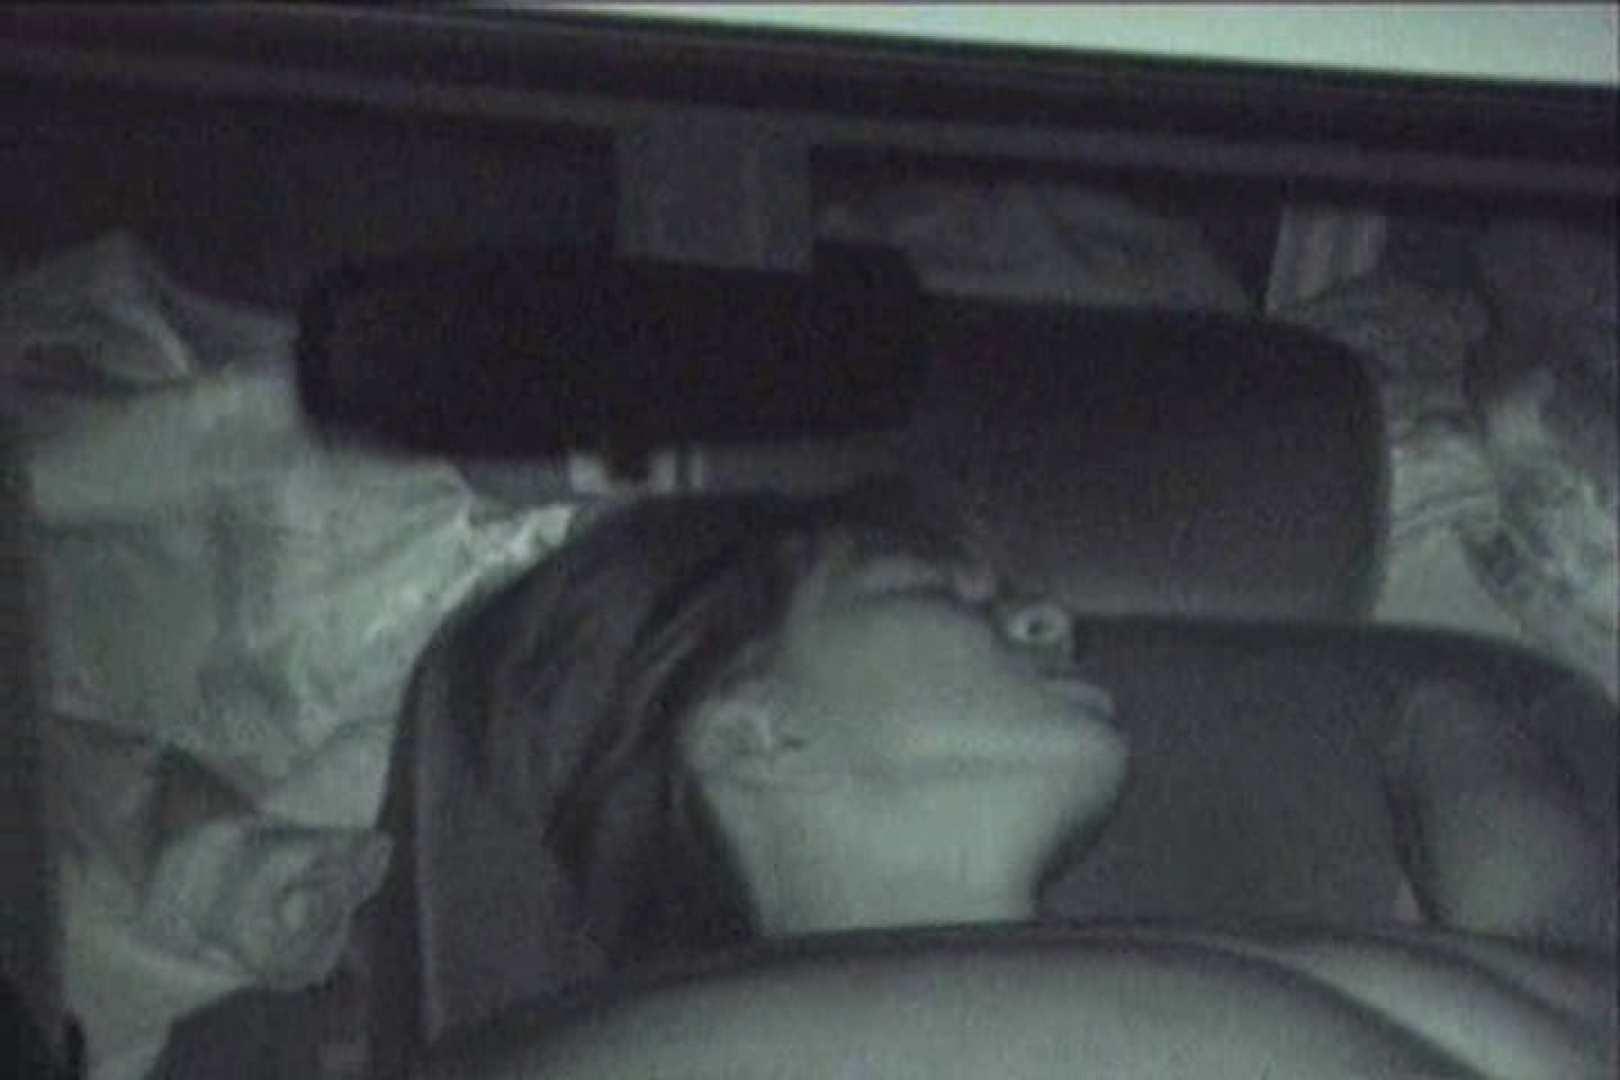 車の中はラブホテル 無修正版  Vol.21 ホテル 盗撮AV動画キャプチャ 109画像 76